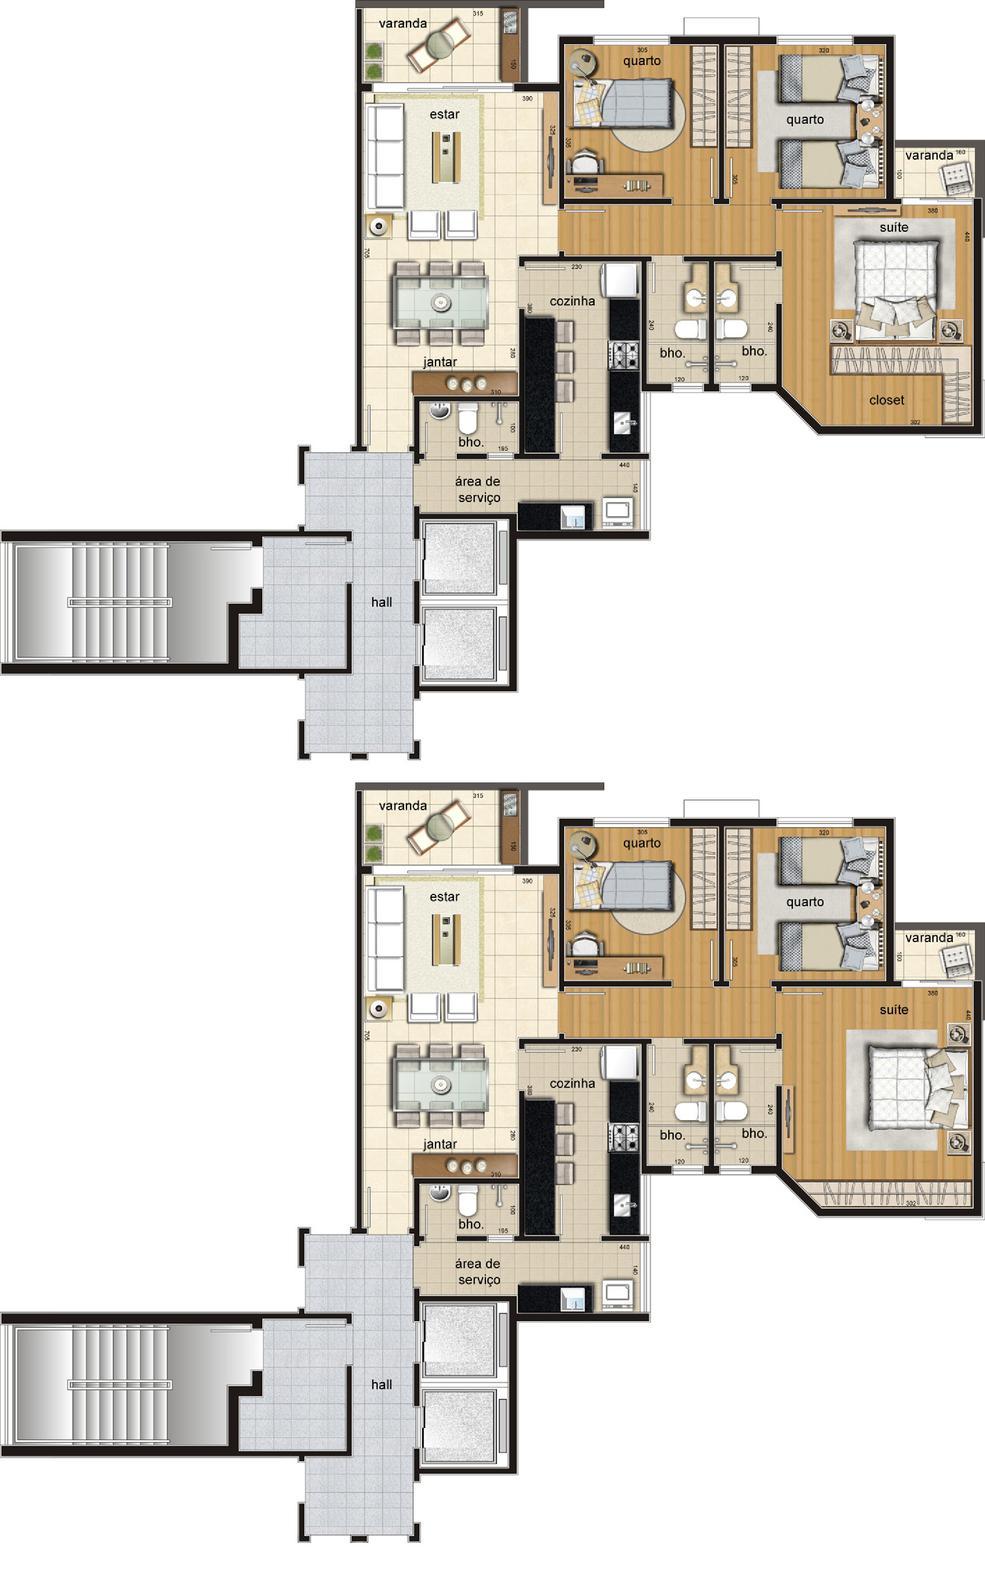 Edifício San Marino - Apto Filadélfia com 105m2 de 3 quartos e 2 vagas